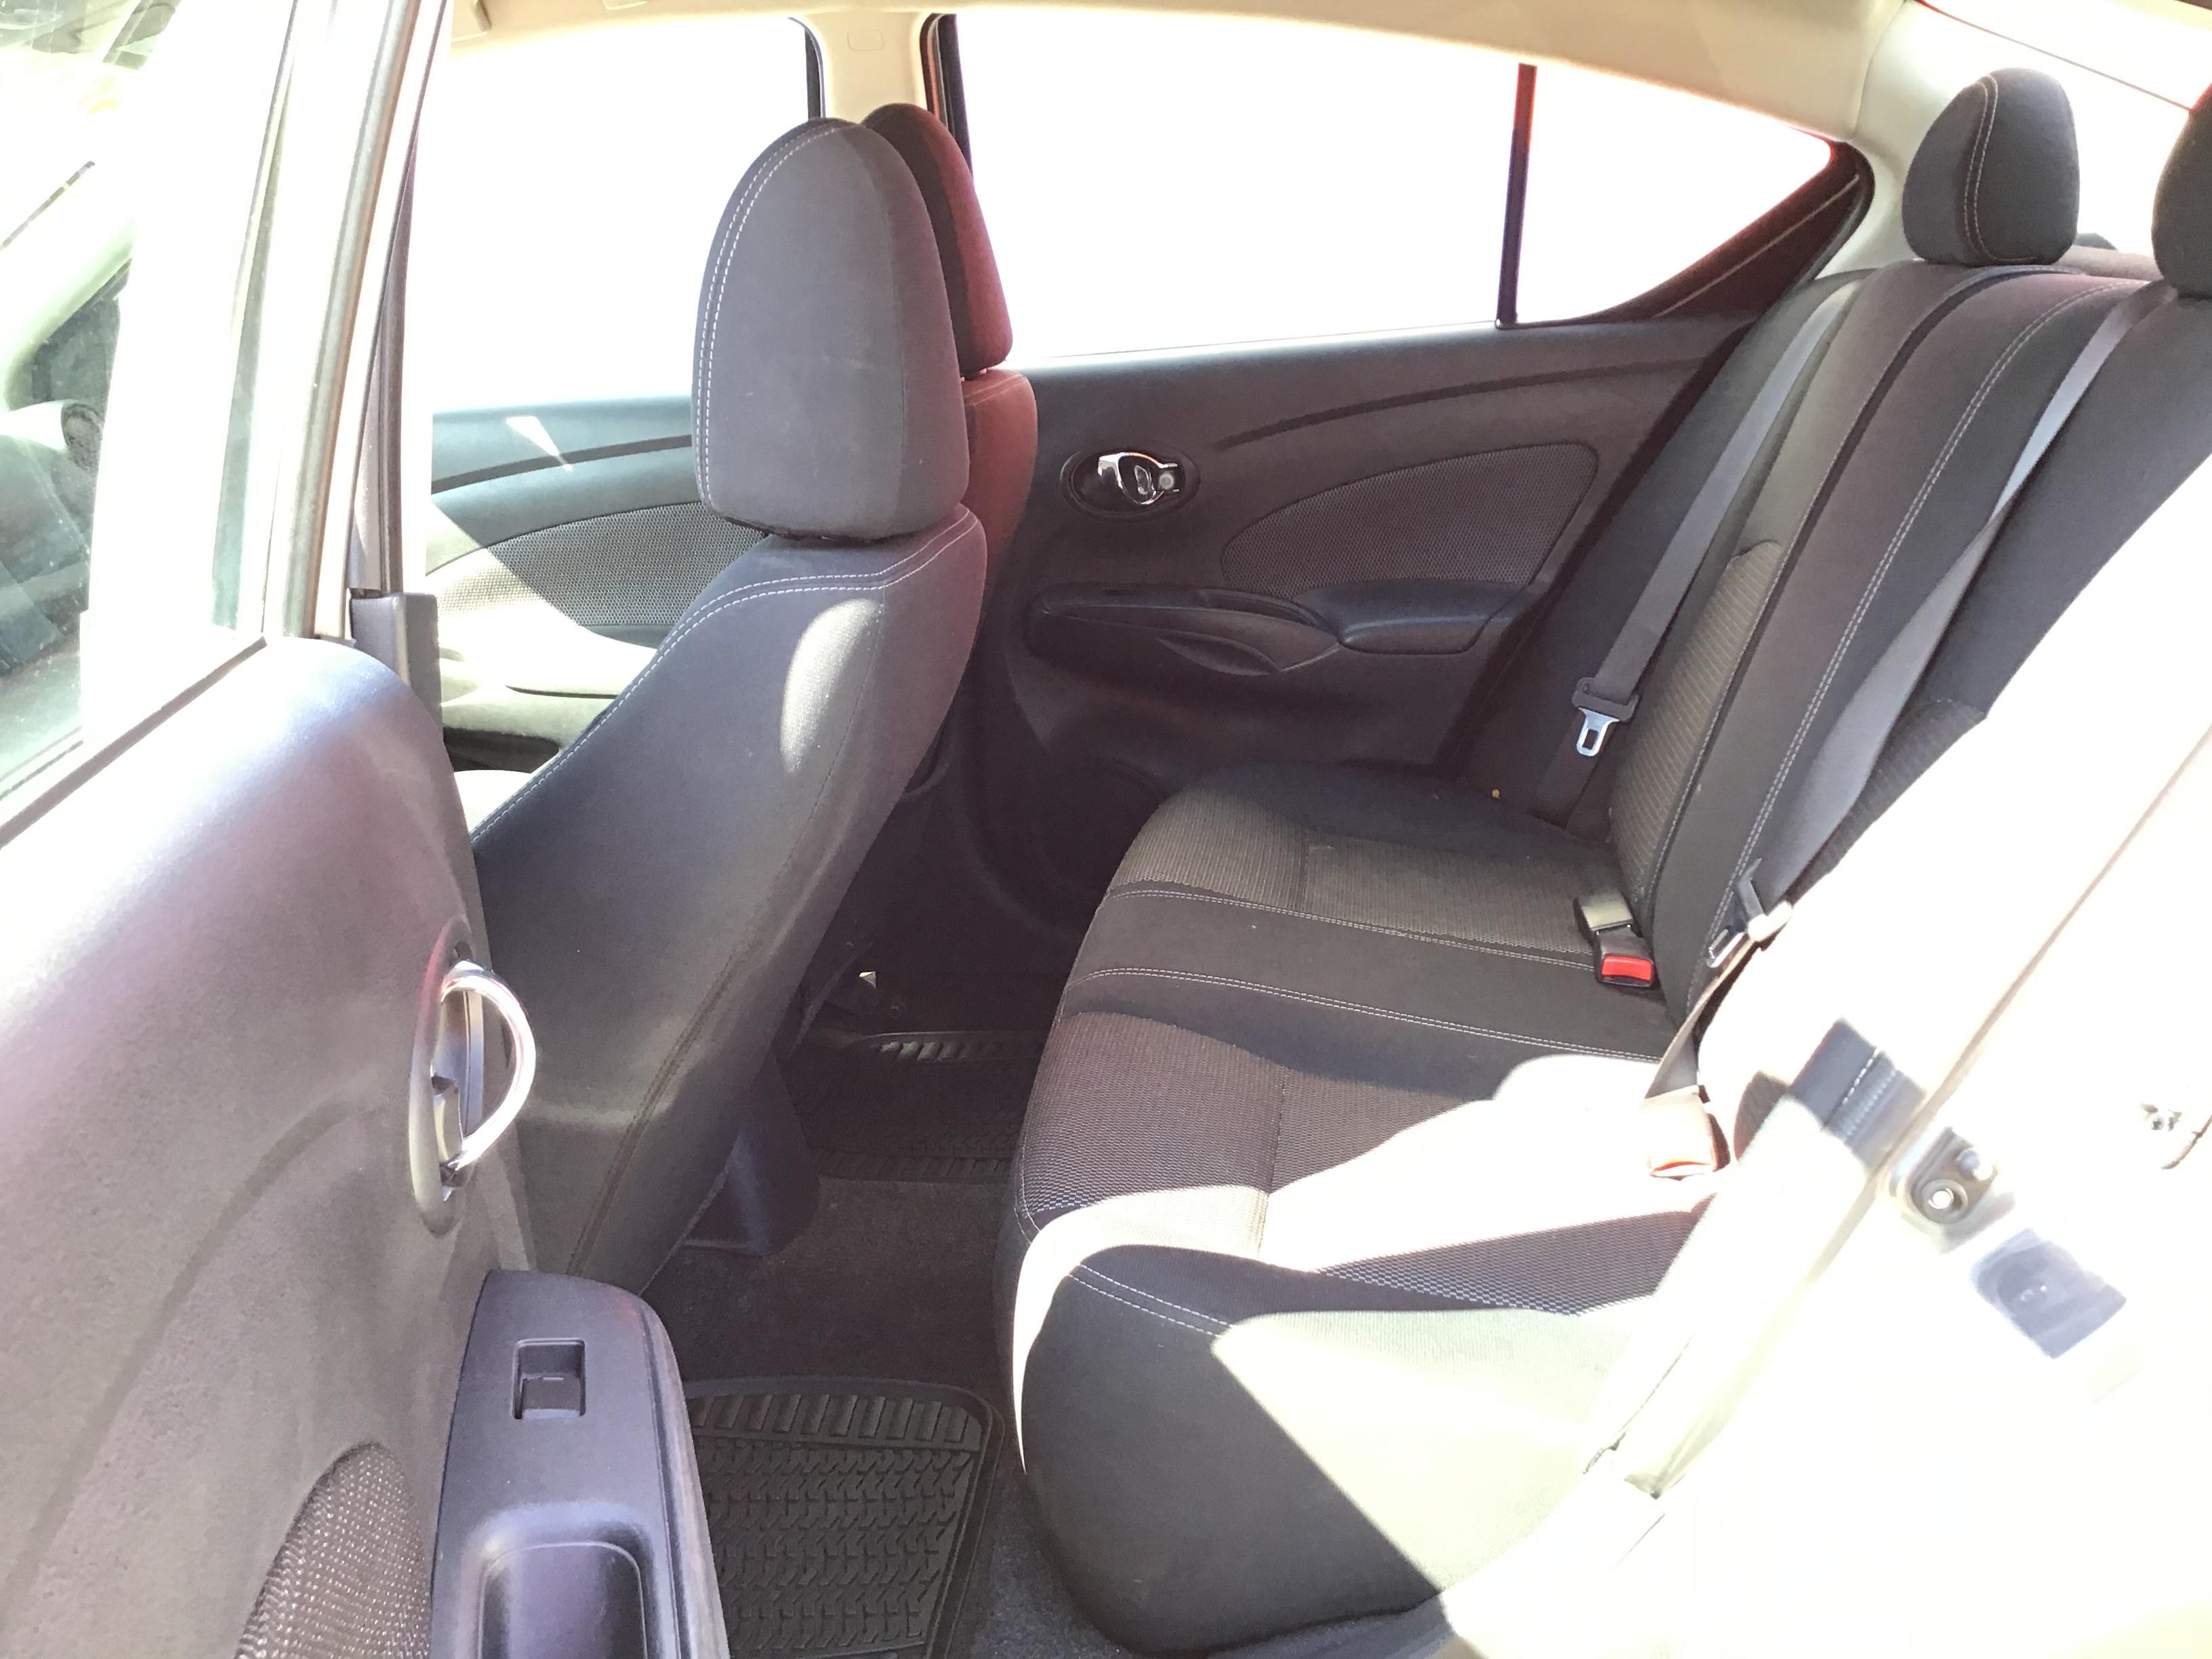 used vehicle - Sedan NISSAN VERSA 2016